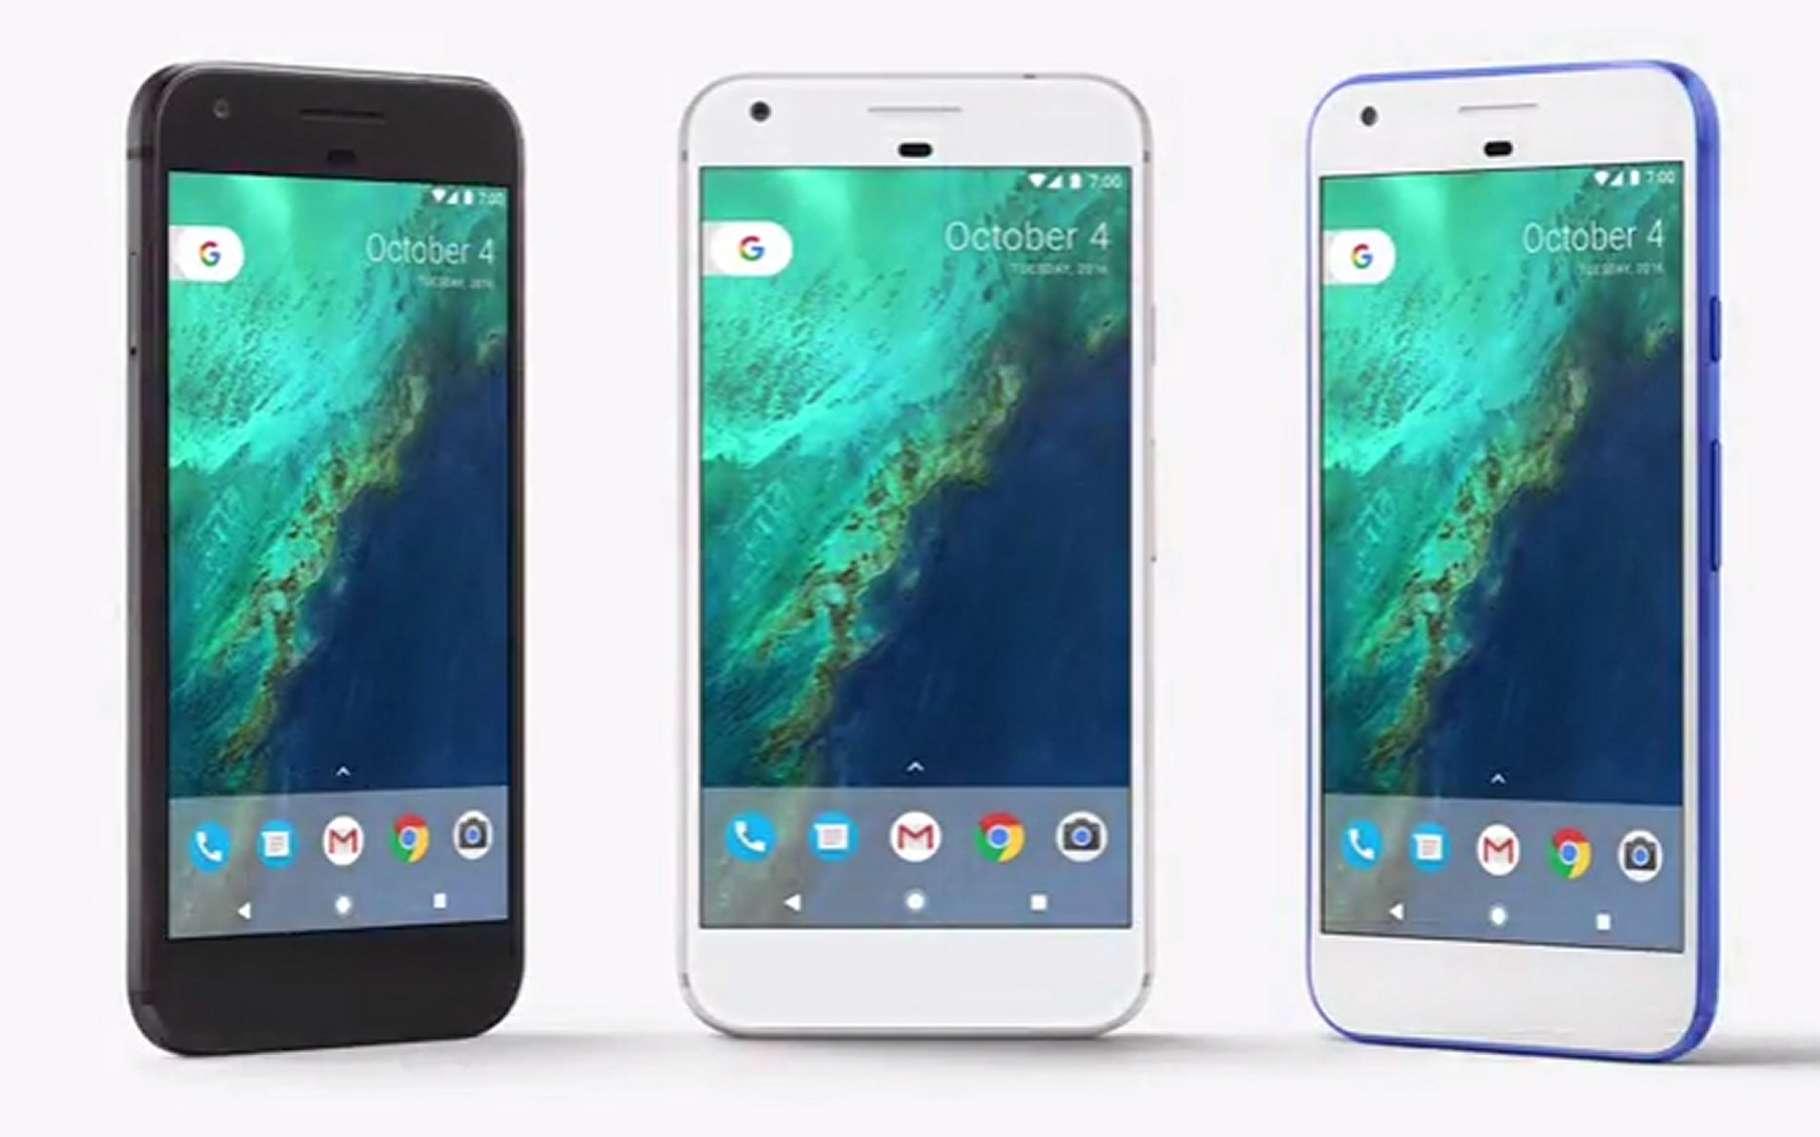 Le téléphone Pixel, conçu par Google et vendu sous sa marque, est un modèle haut de gamme, présenté le 4 octobre 2016. © Google